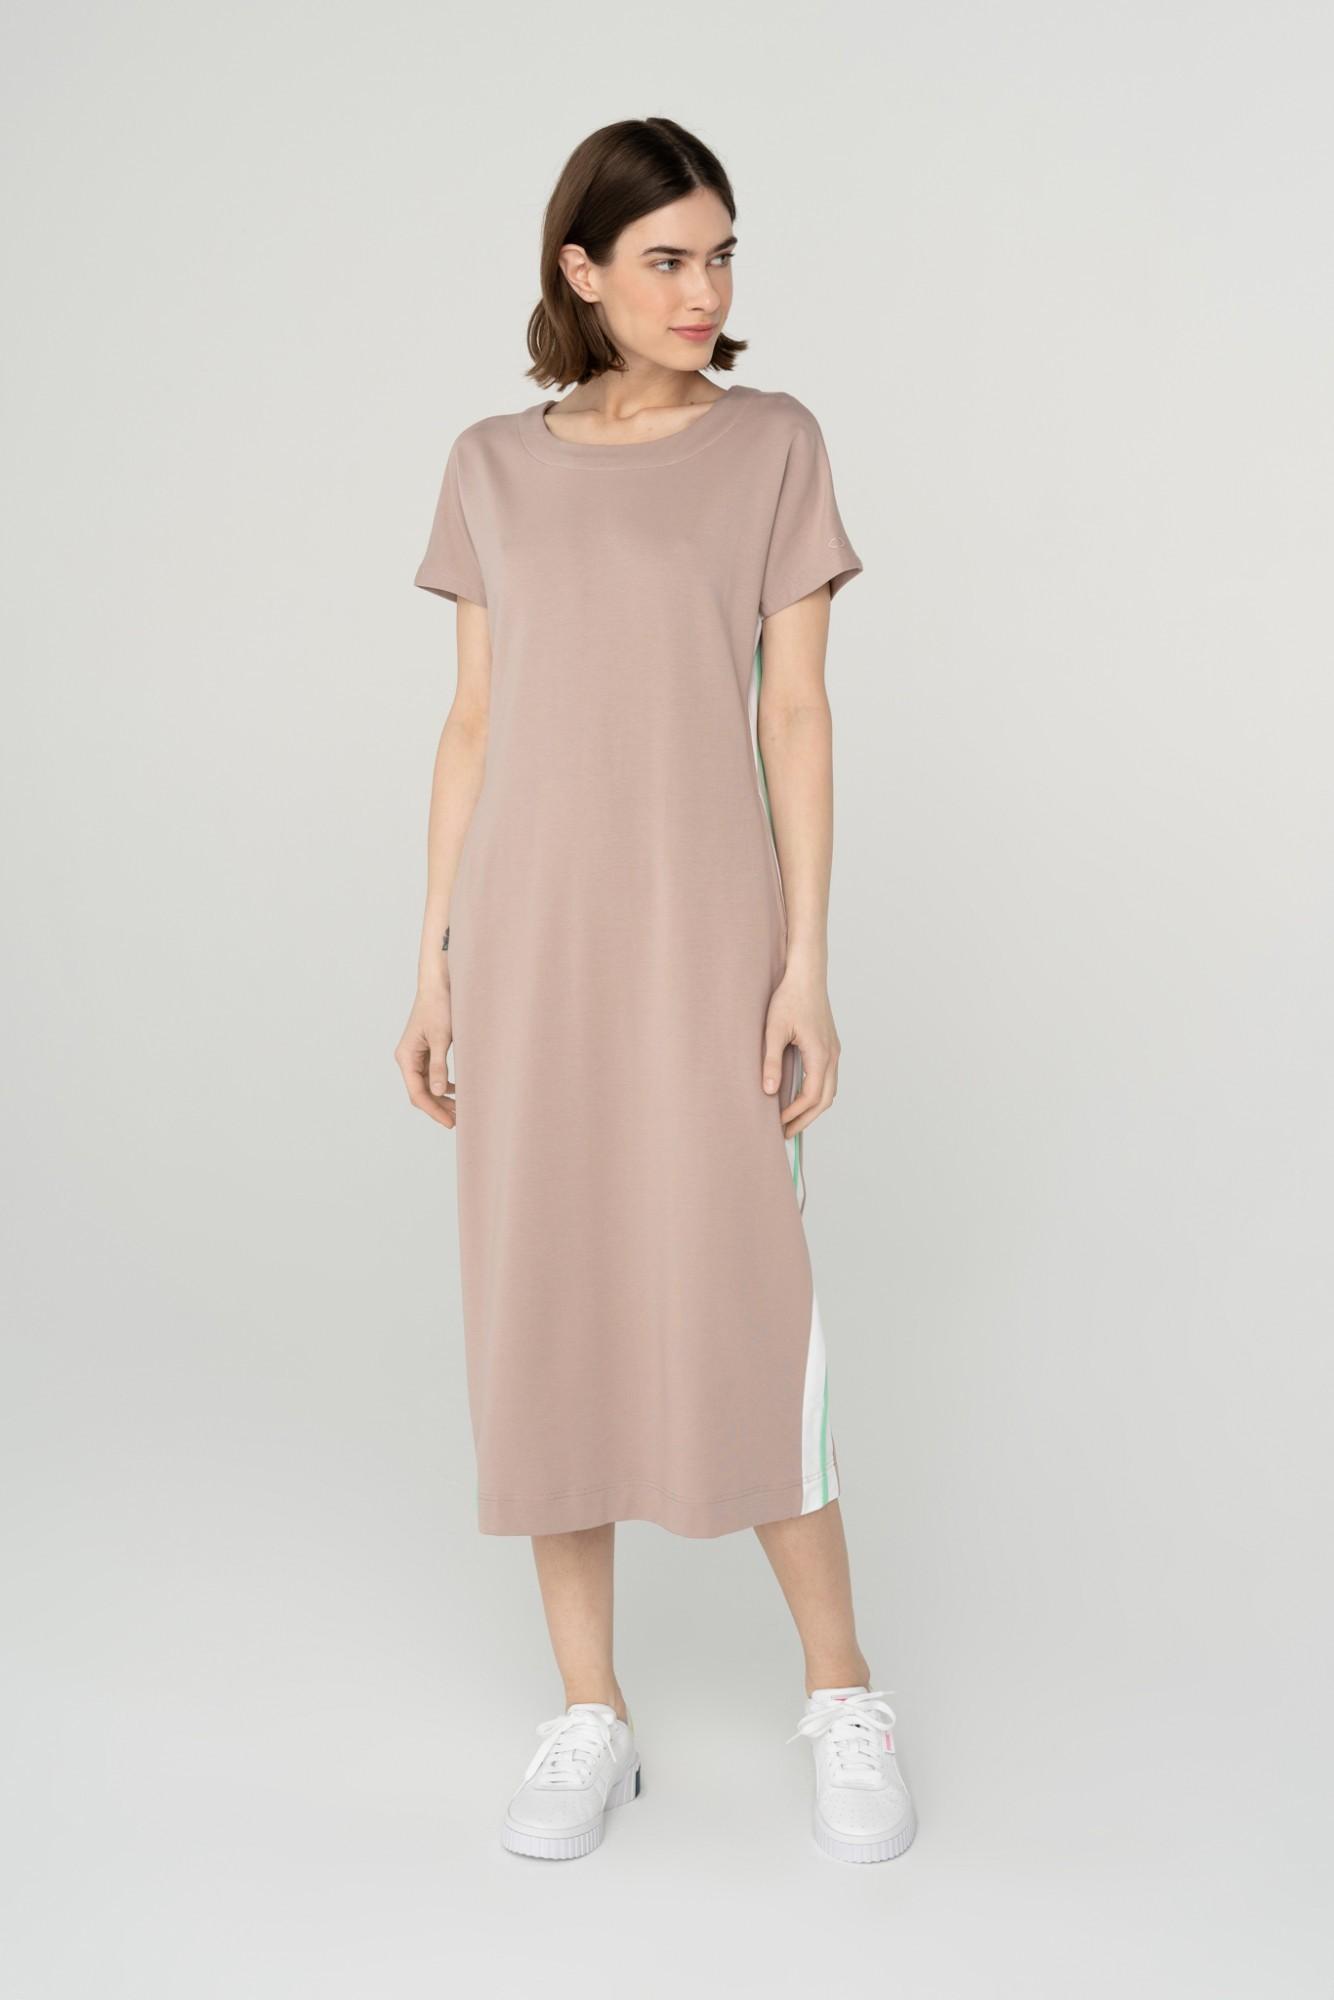 AUDIMAS Ilga švelni modalo suknelė 2111-104 Bark S